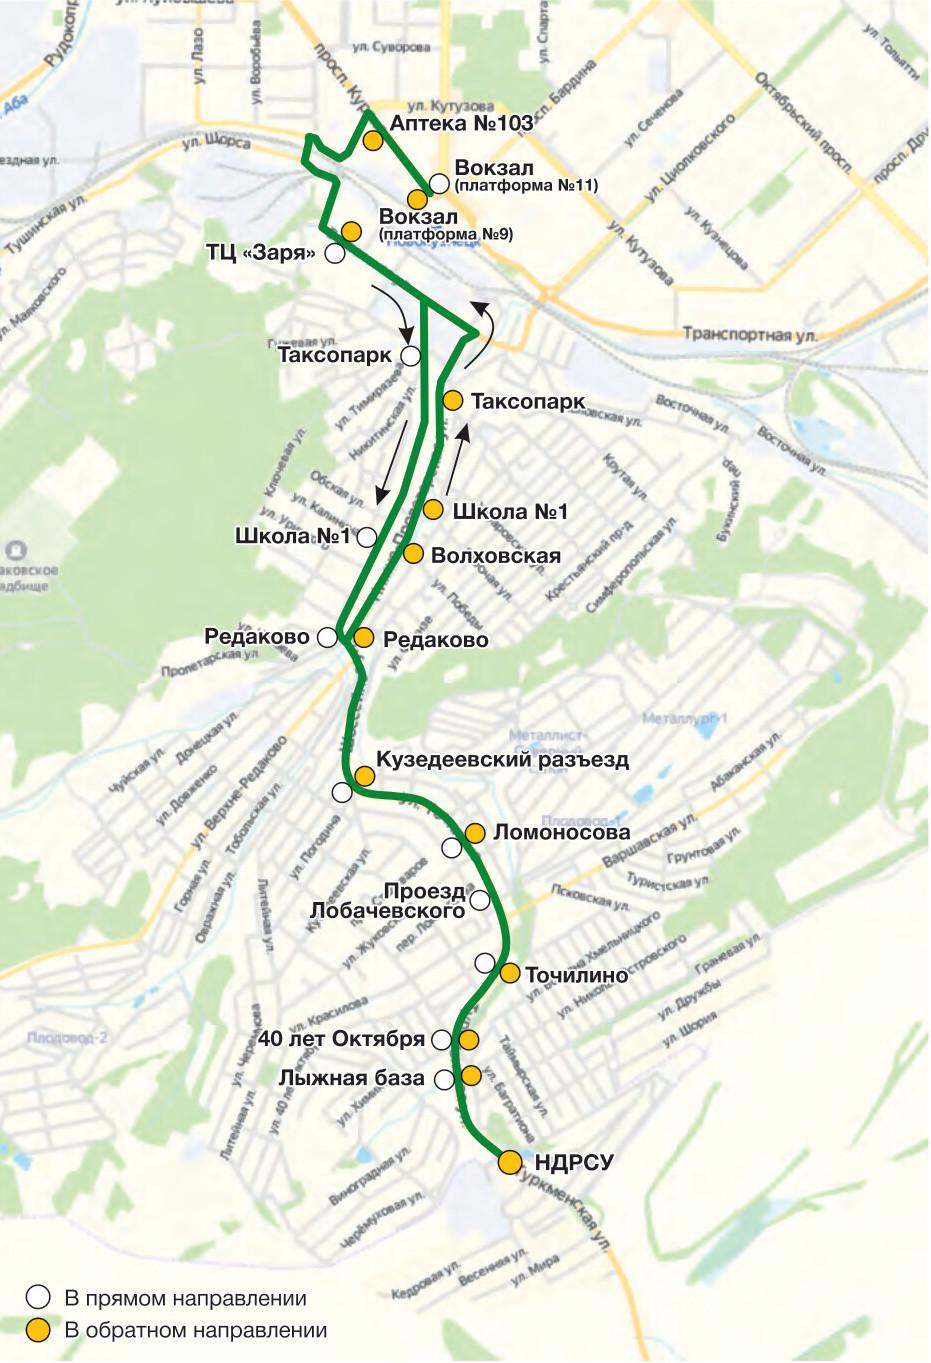 Автобус №63 ВОКЗАЛ - НДРСУ   Расписание и маршрут движения